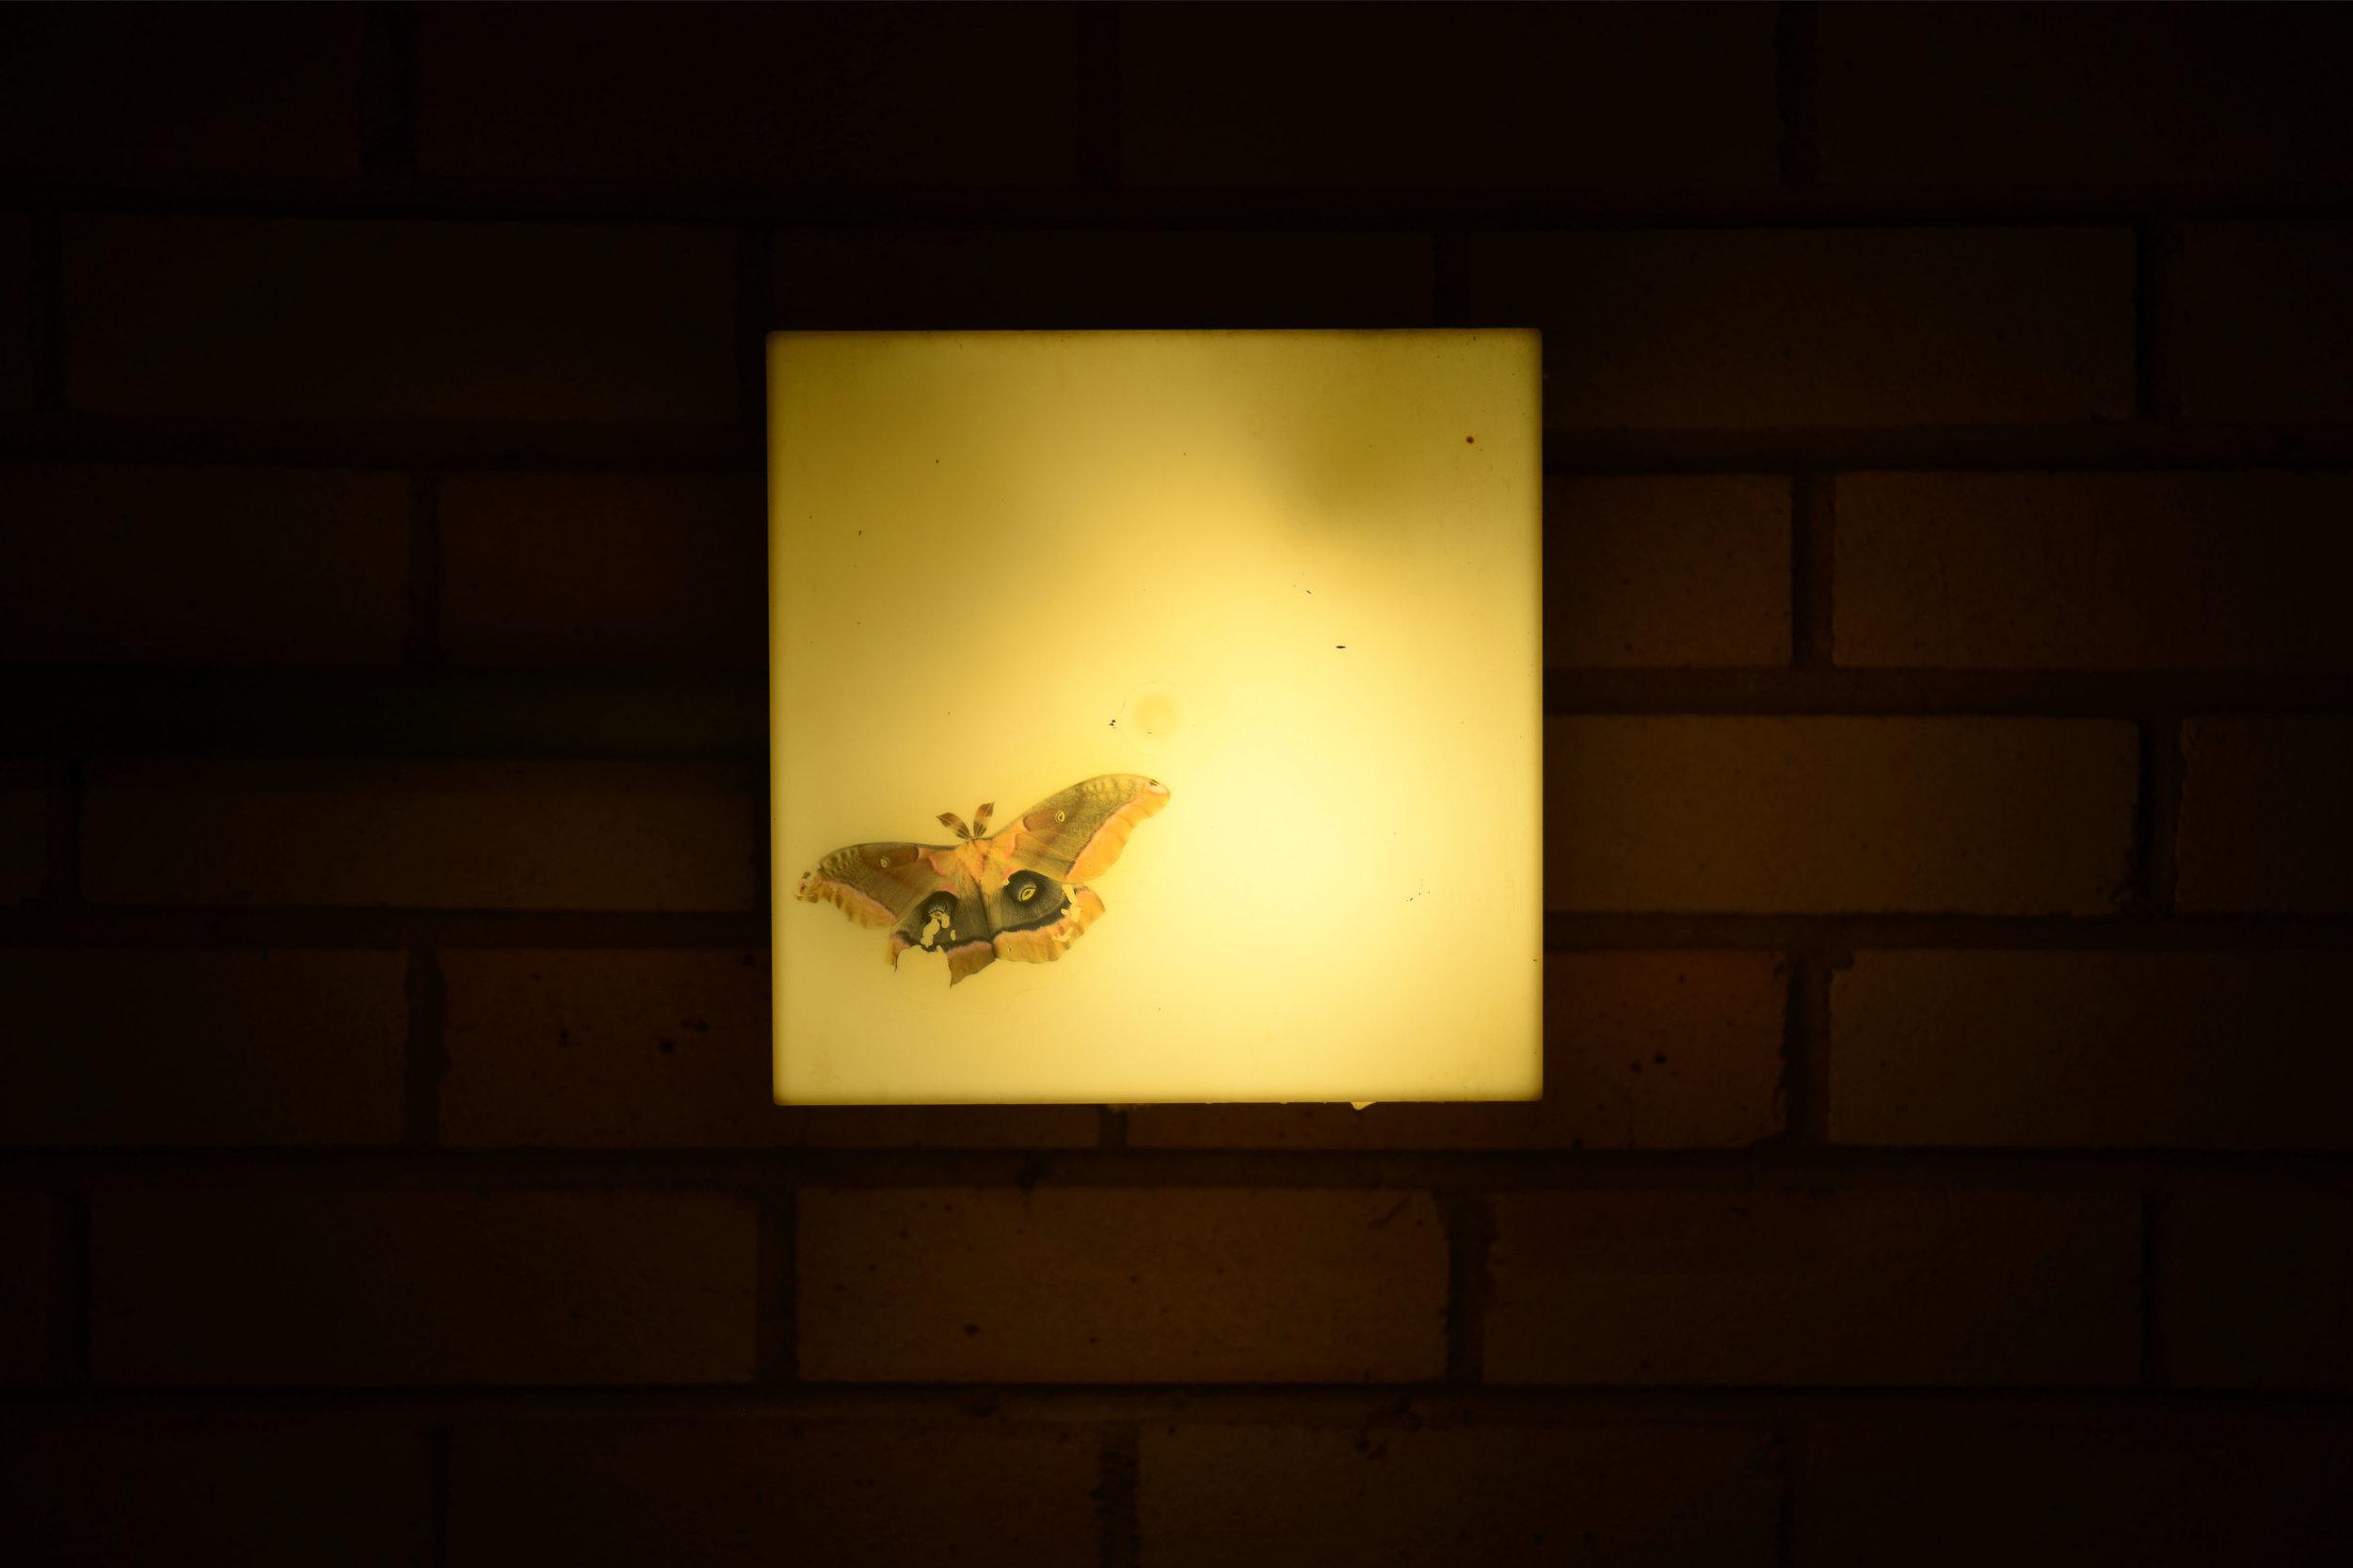 polyphemus_moth.jpg